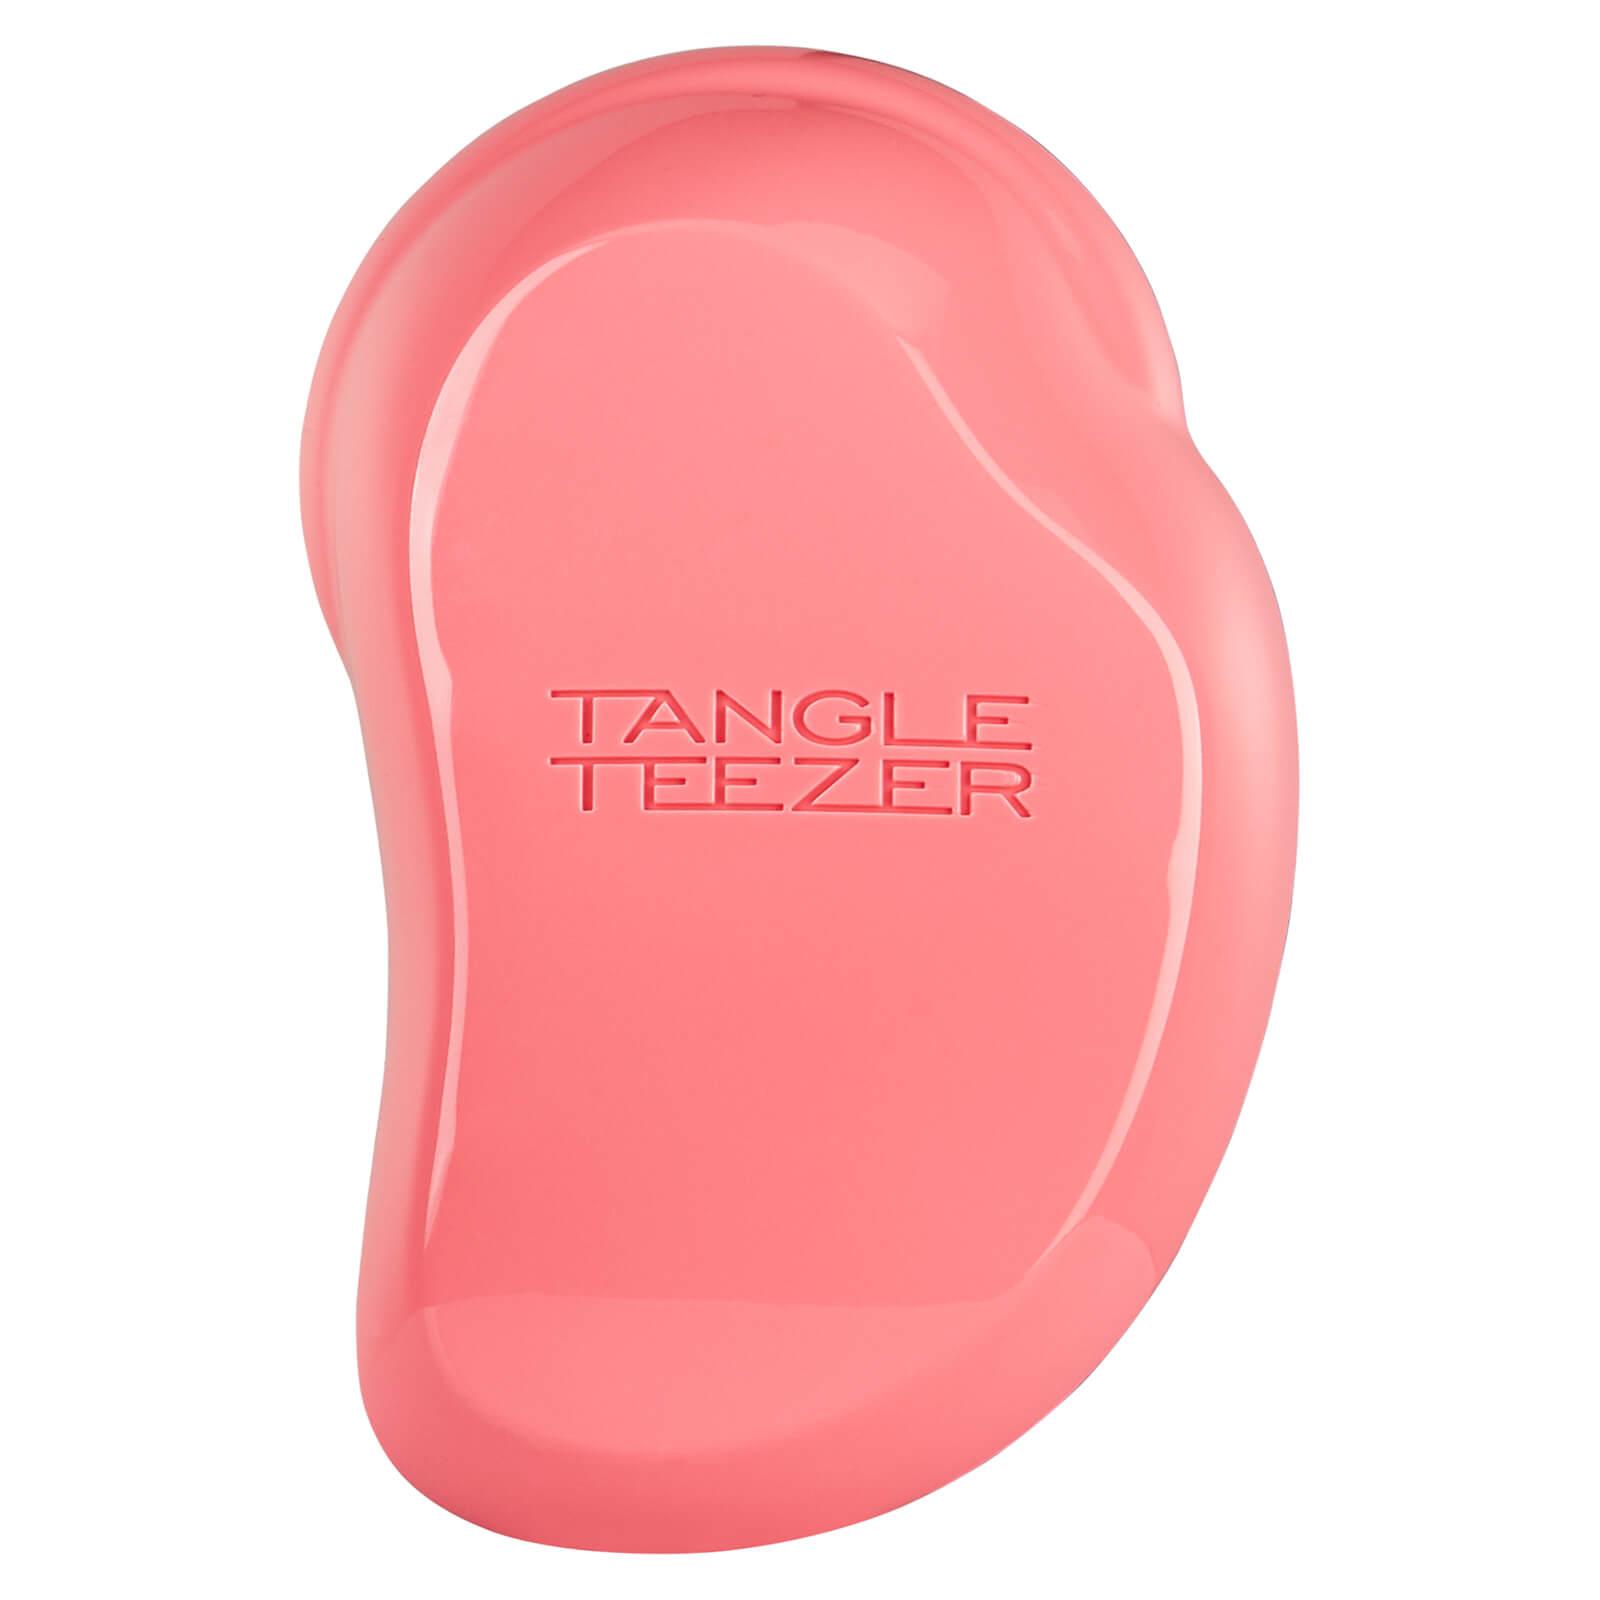 Tanlge Teezer The Original Detangling Hairbrush - Pink Peach